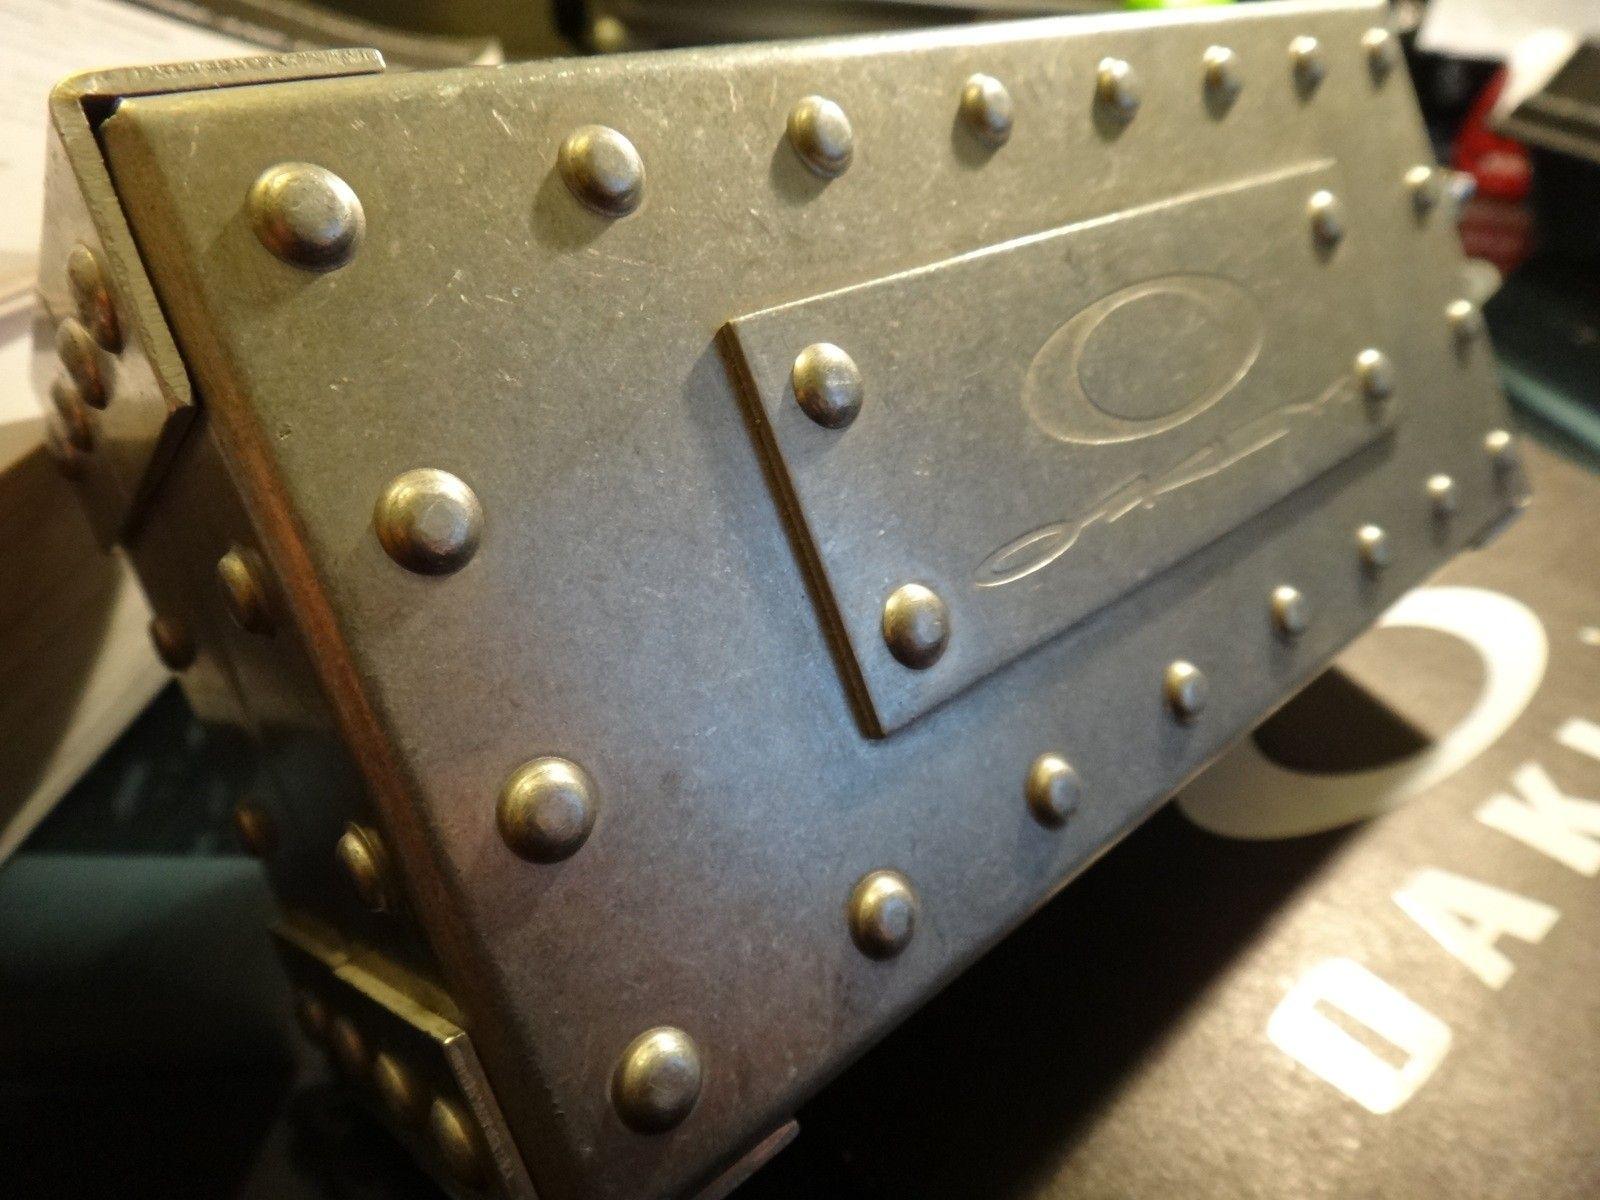 Oakley Metal Vault (The Vault) case with perfect foam - DSC05587.JPG